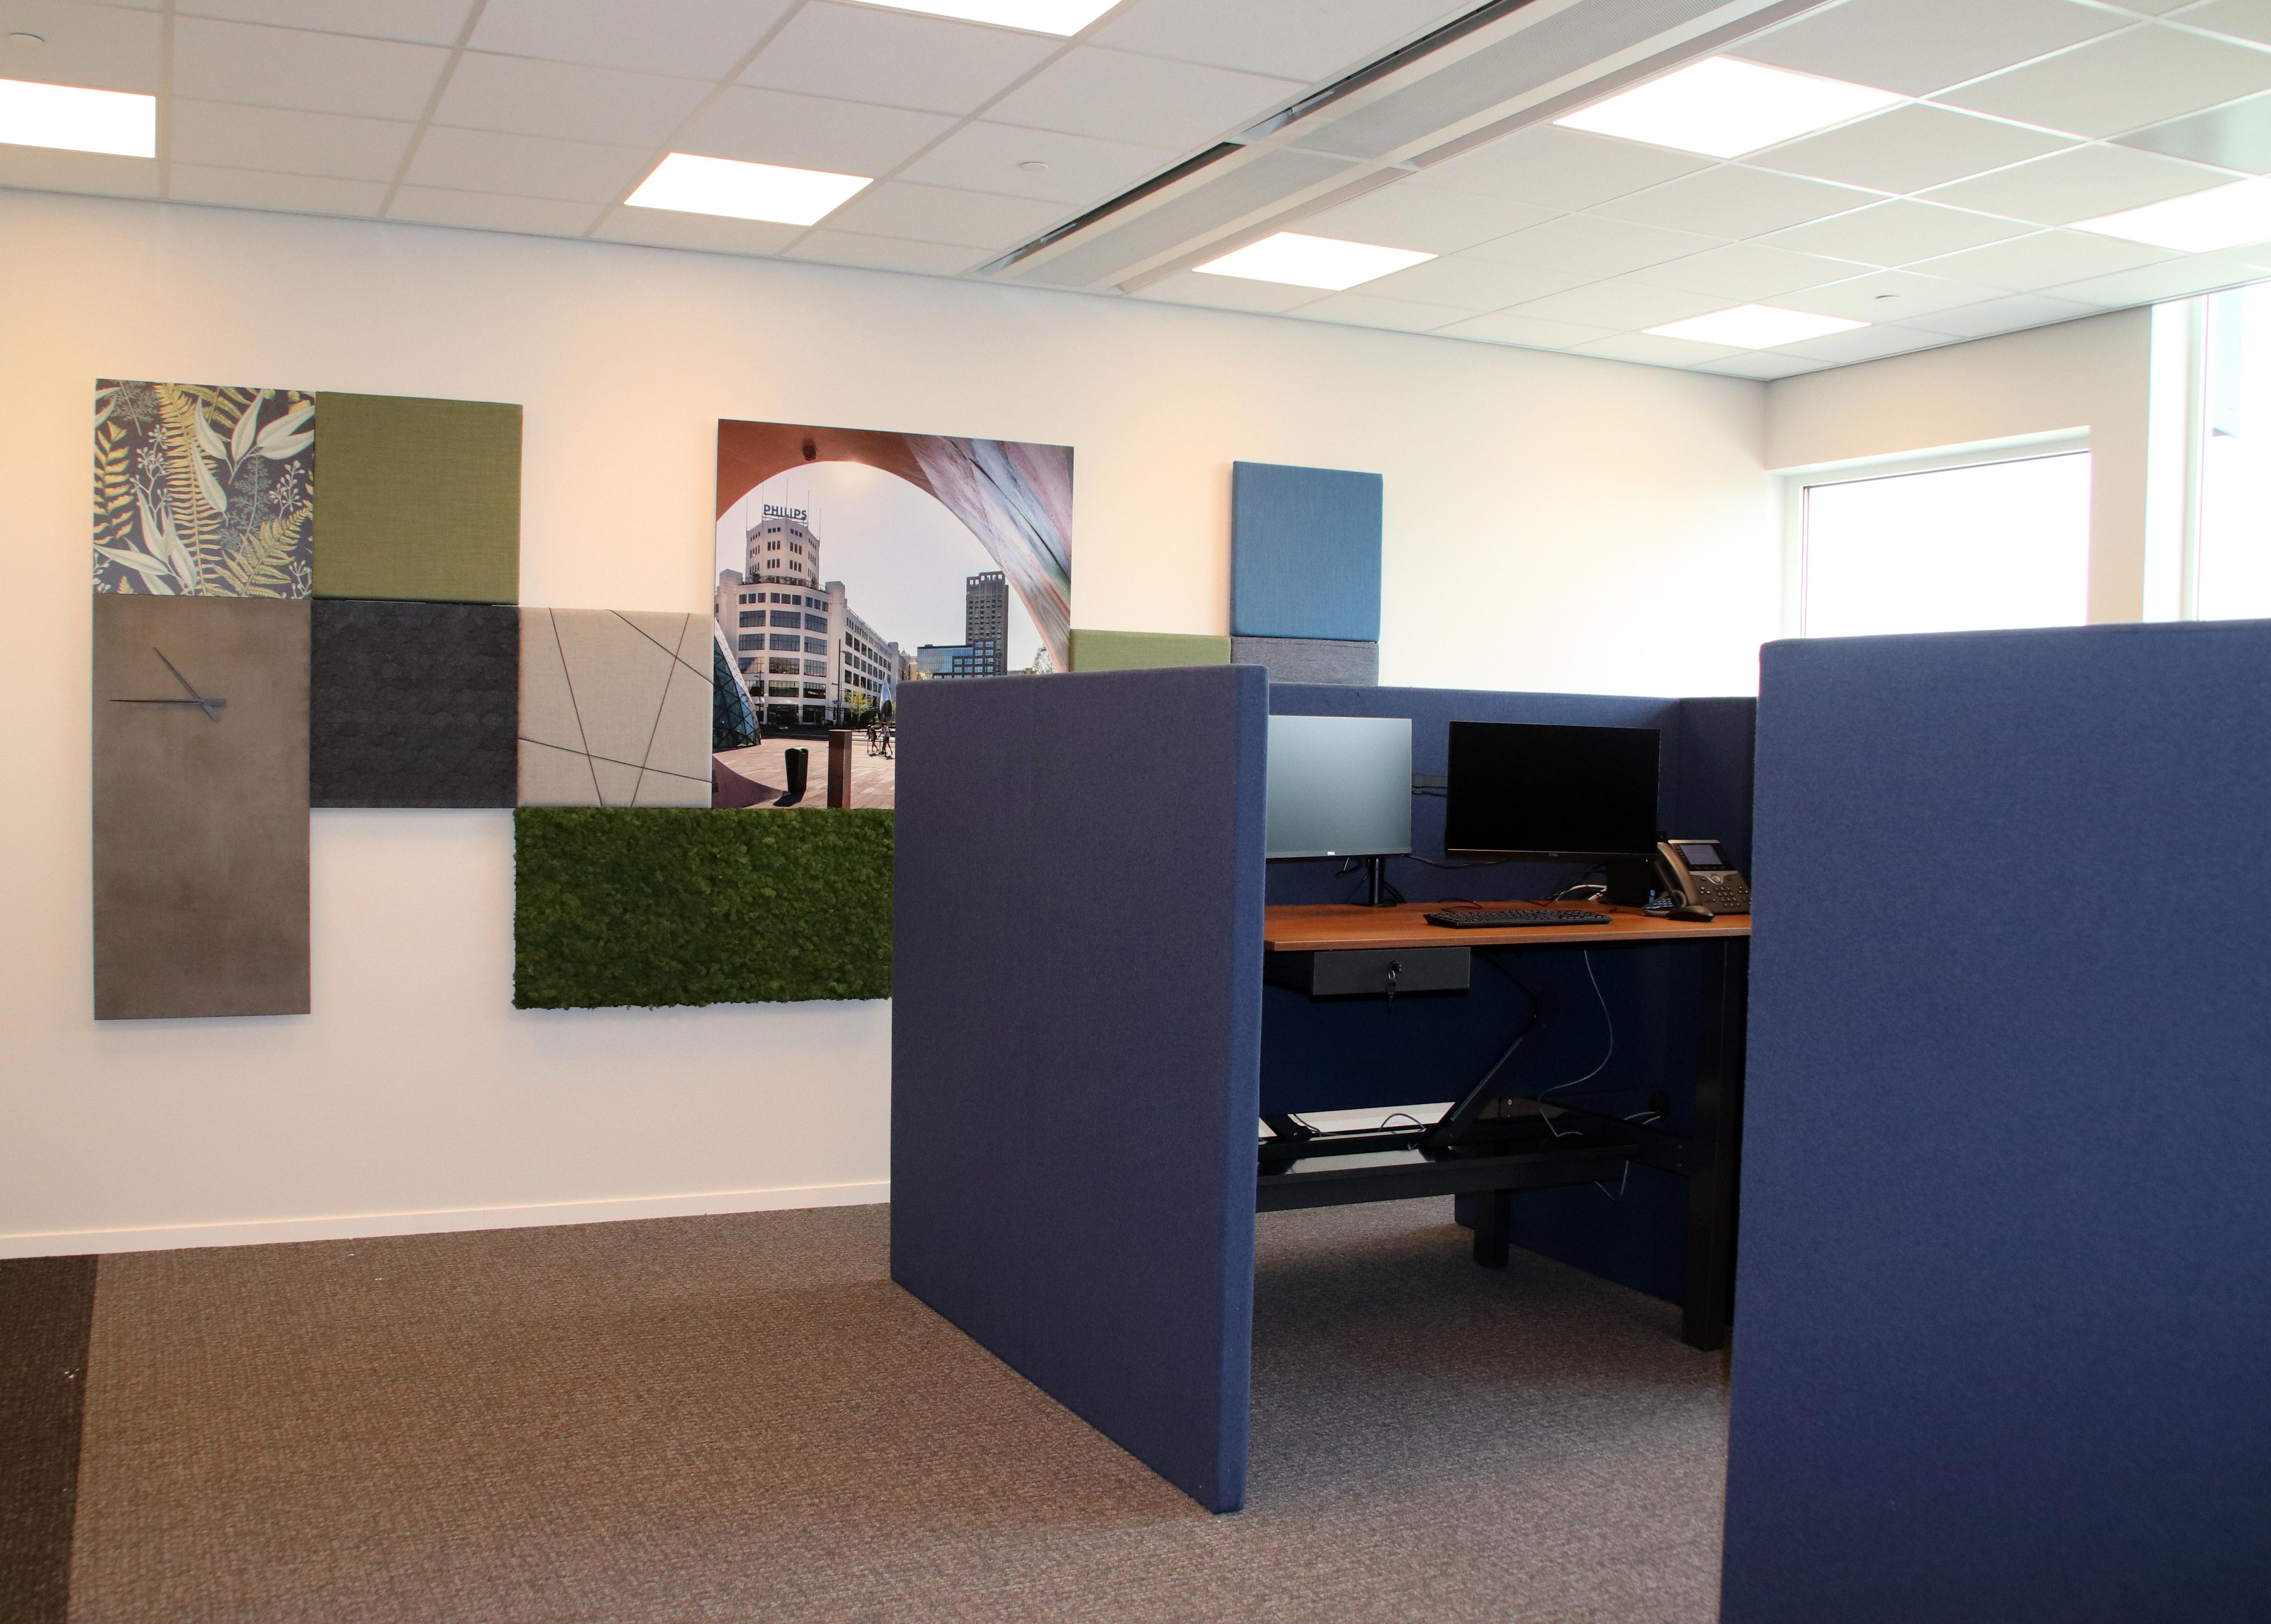 Ook in deze ruimte een maatwerk paneel van Dock Four met o.a. afbeeldingen van Eindhoven